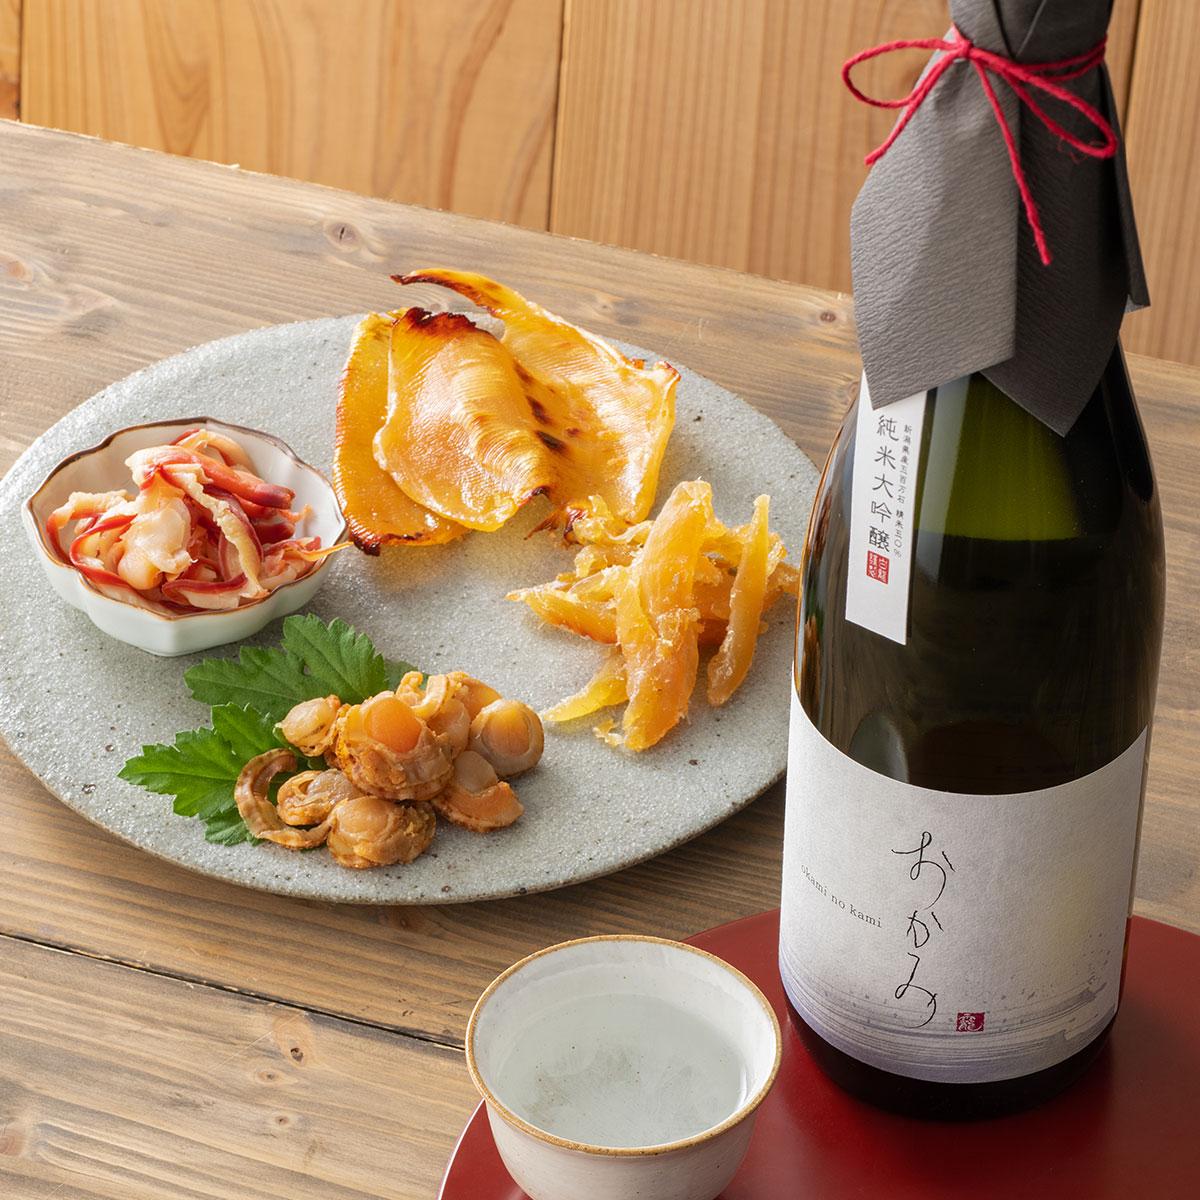 父の日ギフトに!日本酒に合うおつまみのイチオシは何ですか?